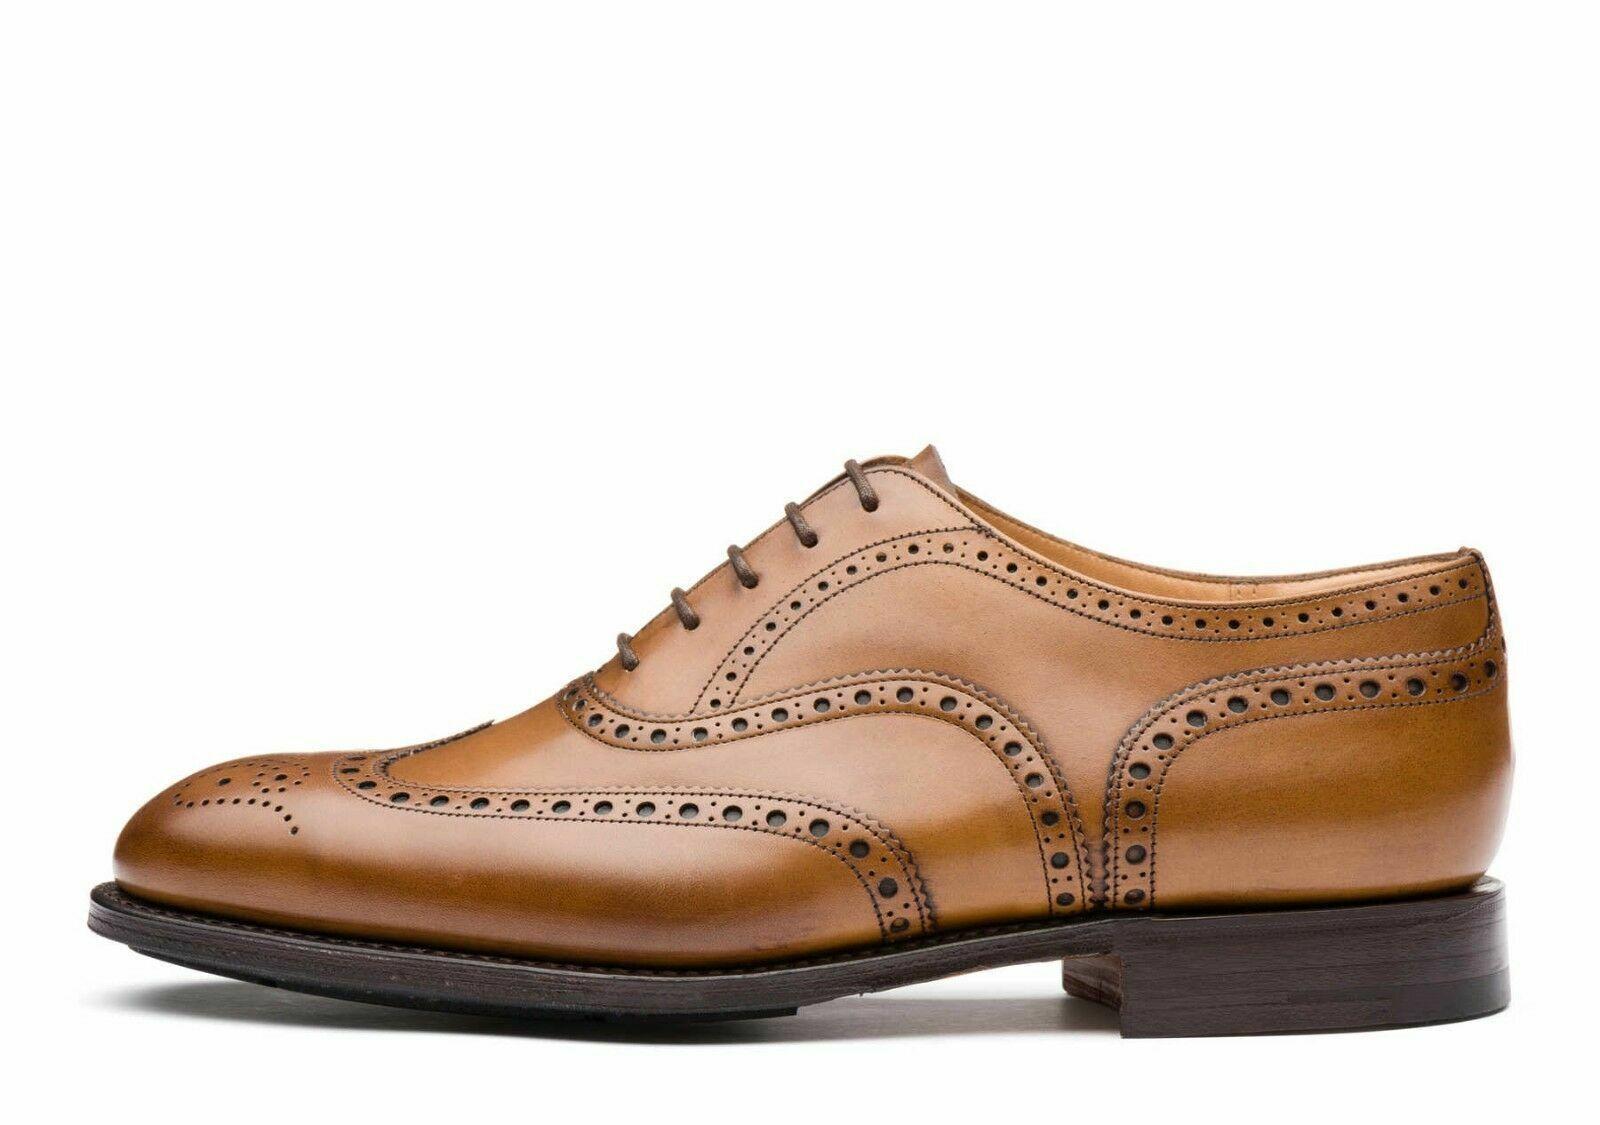 Puzzles Messieurs Véritable Tan Cuir Oxford Brogue nouer Formelle Chaussures